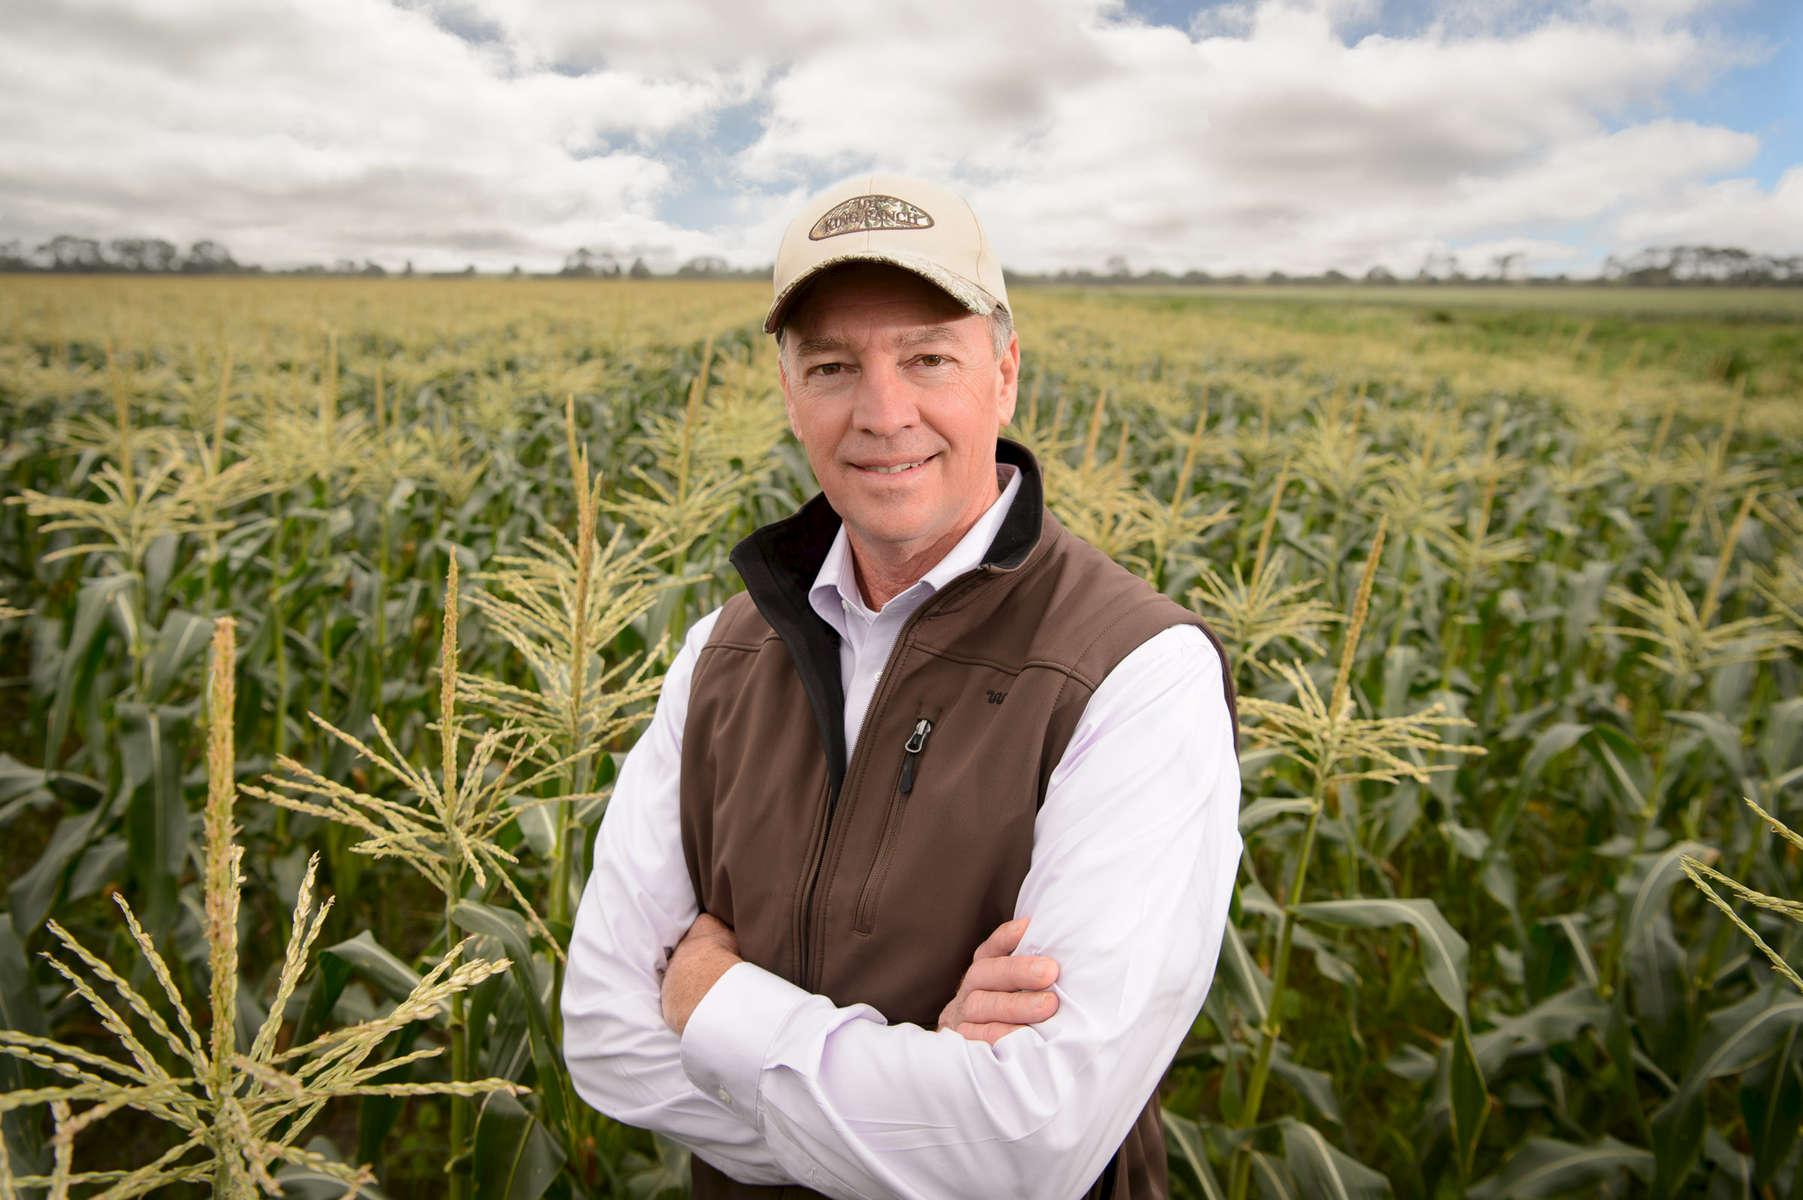 Farmer posing for a portrait in a corn field.